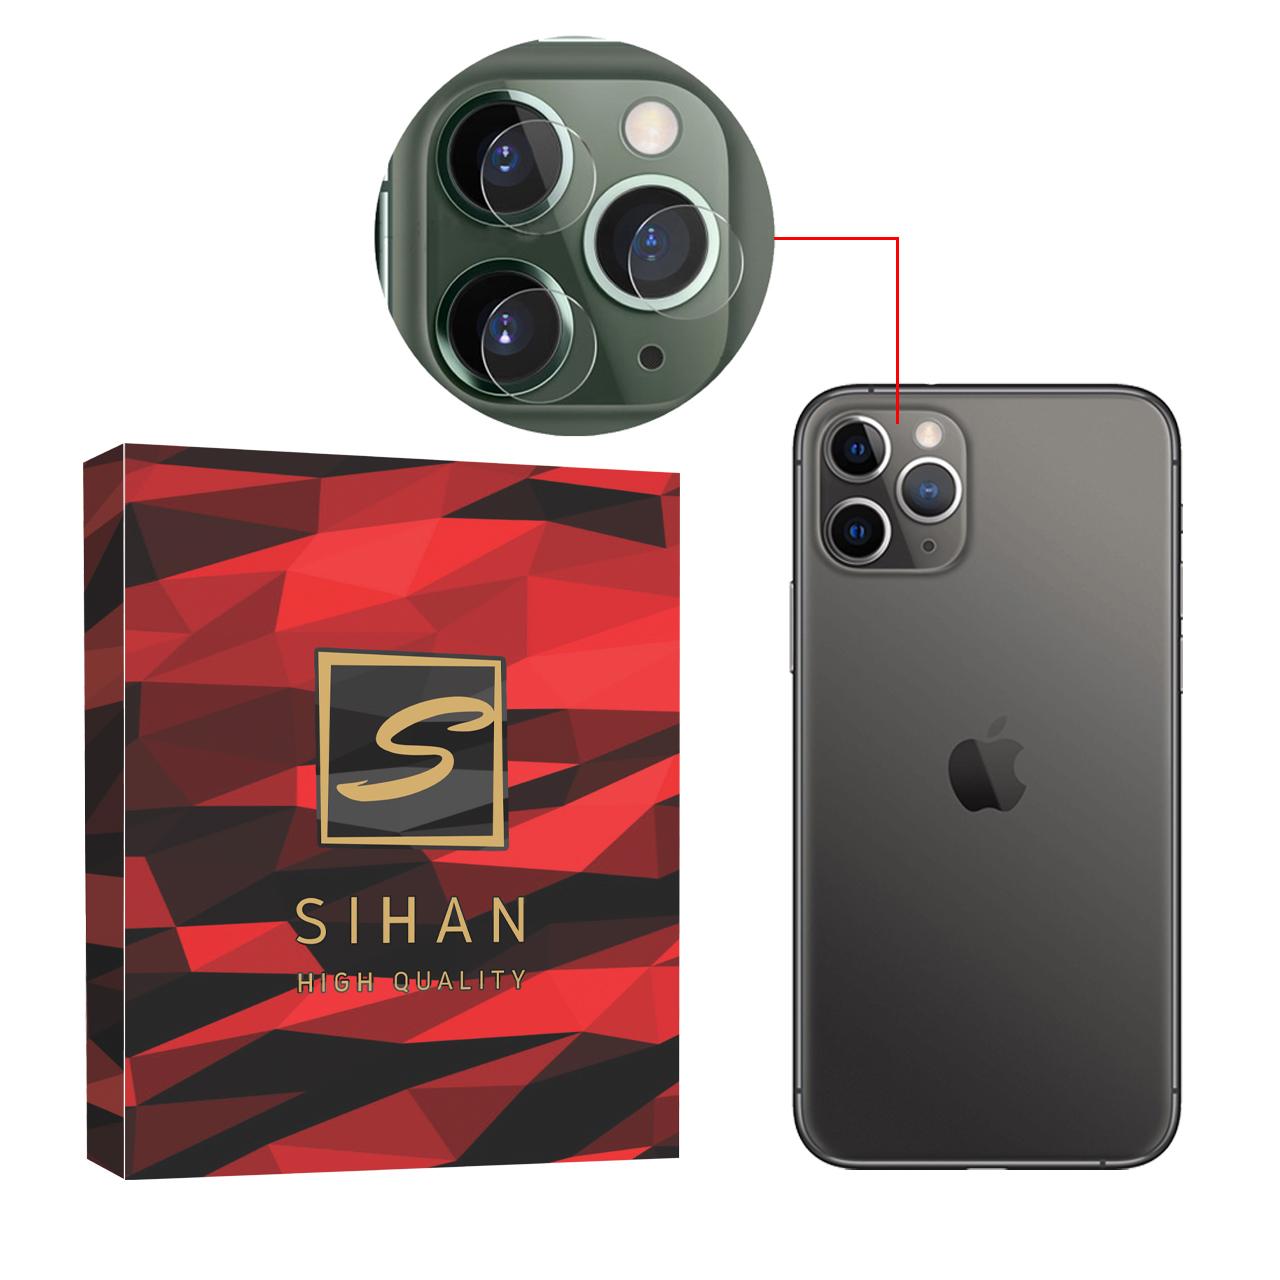 محافظ لنز دوربین سیحان مدل GLP مناسب برای گوشی موبایل اپل iphone 11 Pro Max              ( قیمت و خرید)